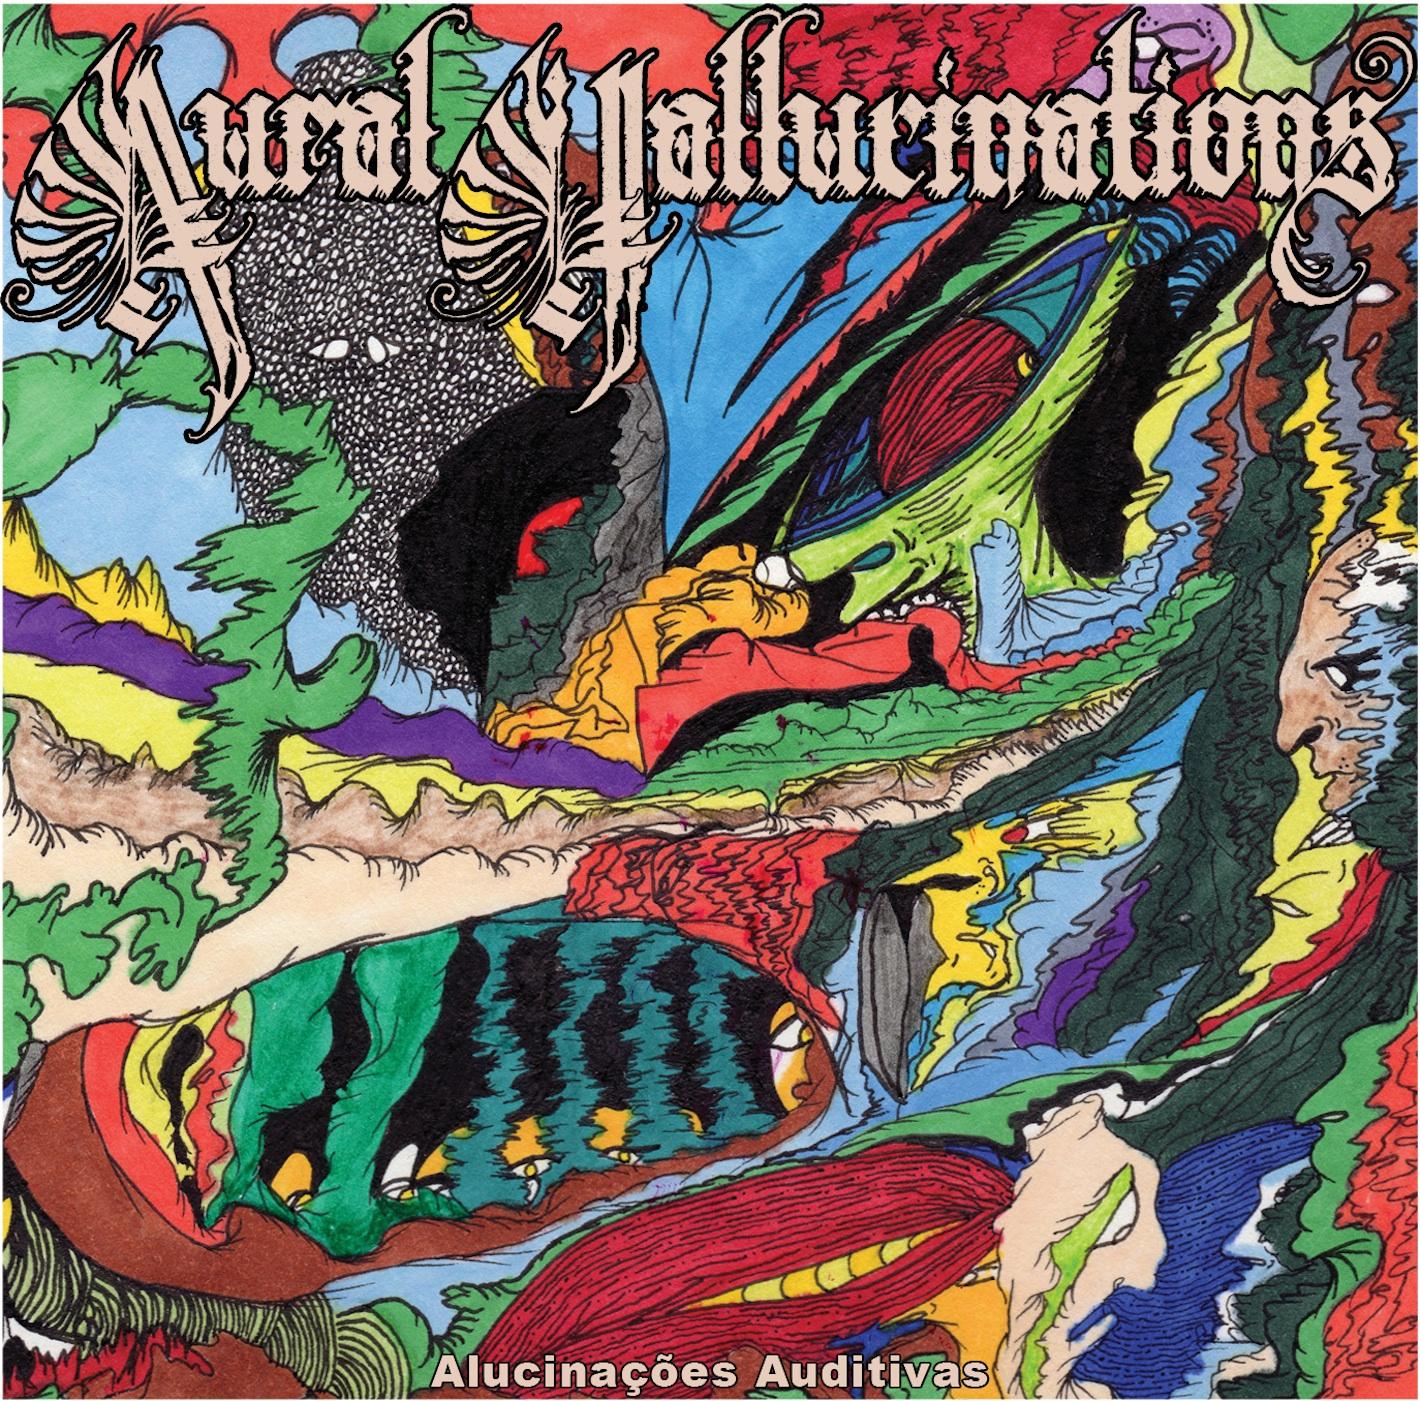 AURAL HALLUCINATIONS ALUCINACOES AUDITIVAS